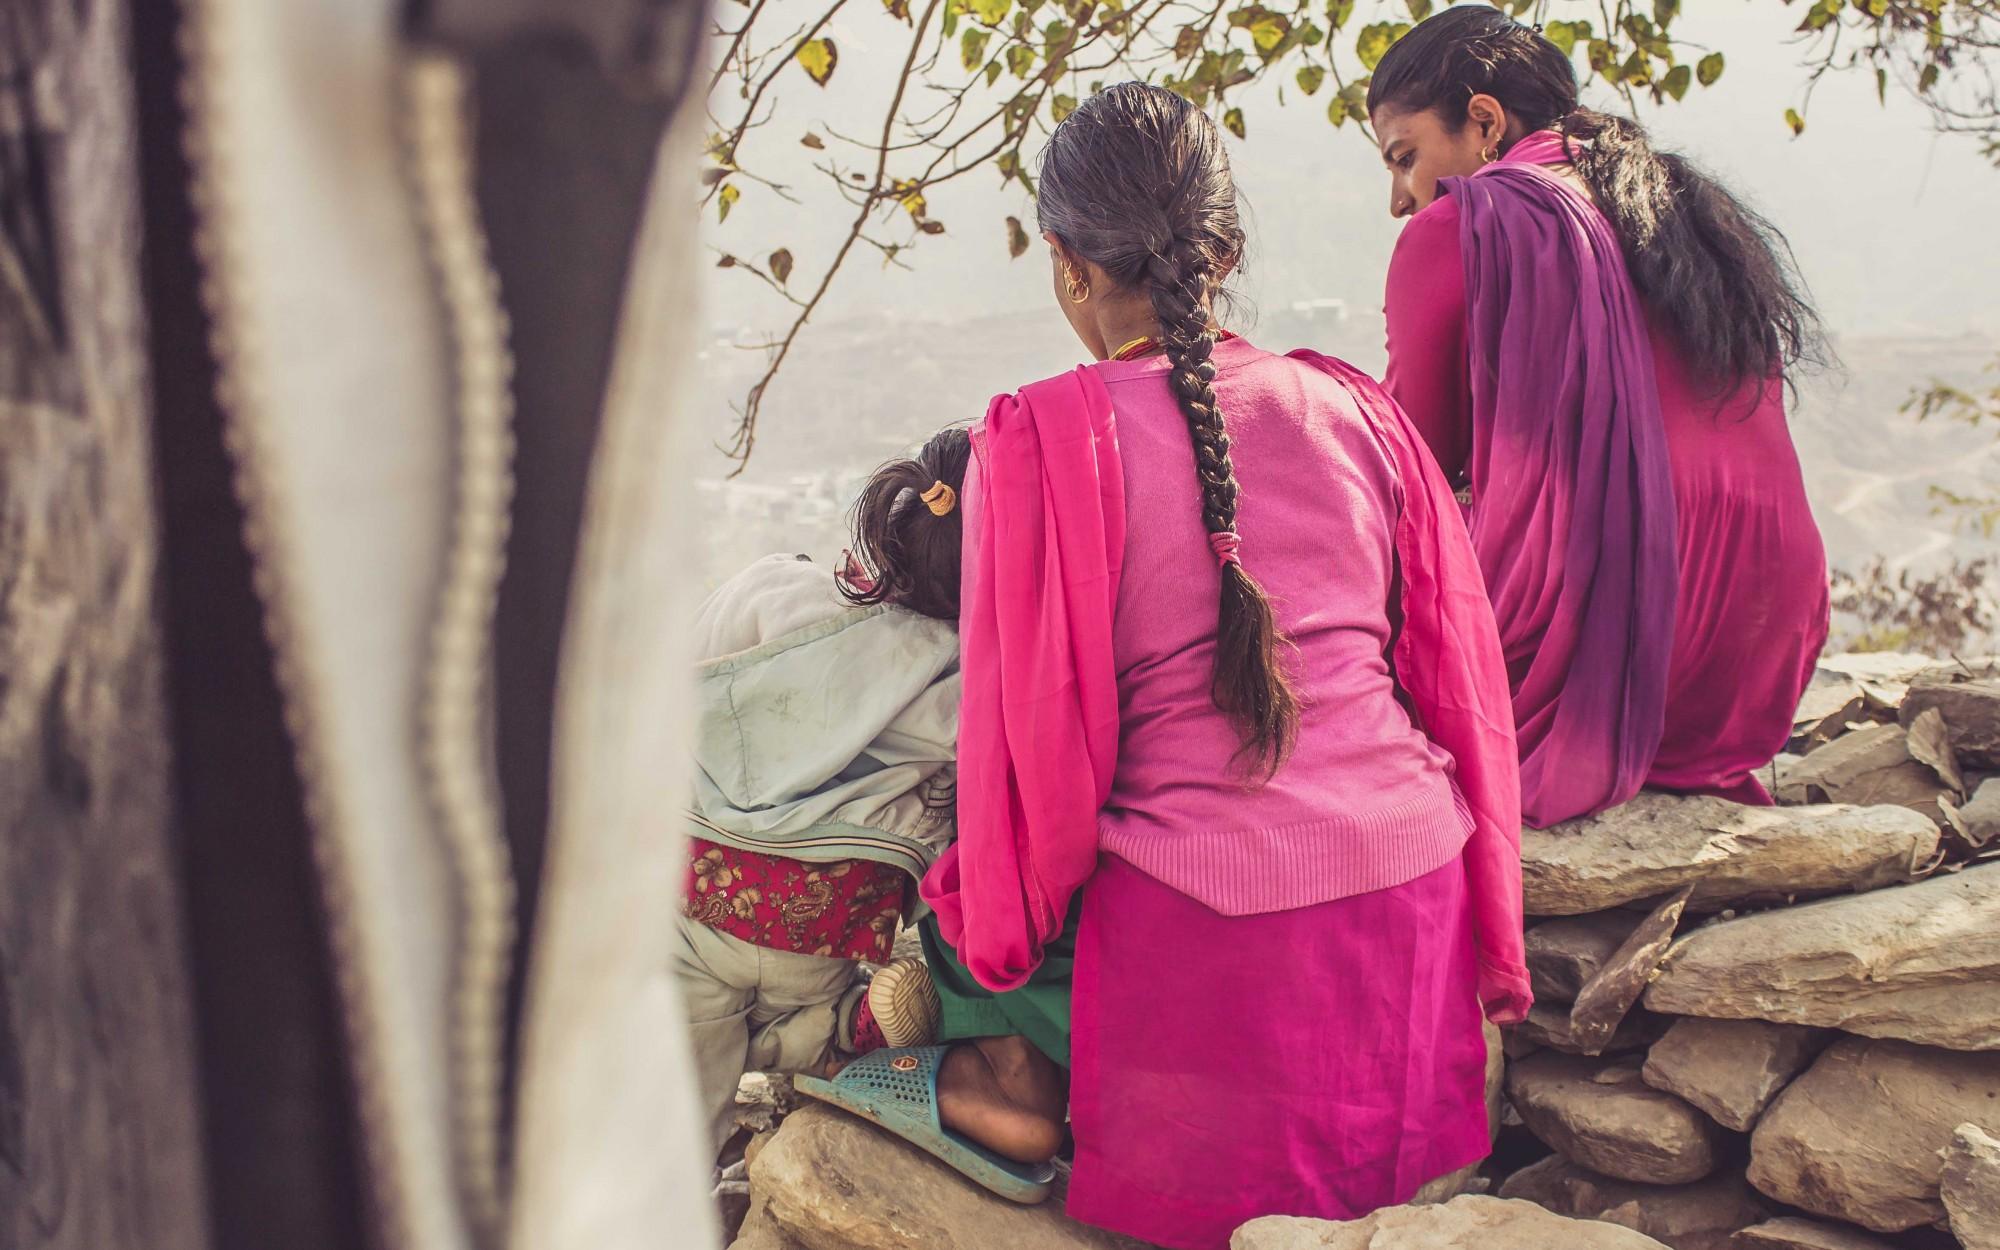 Improving hospitals' response to survivors of gender-based violence